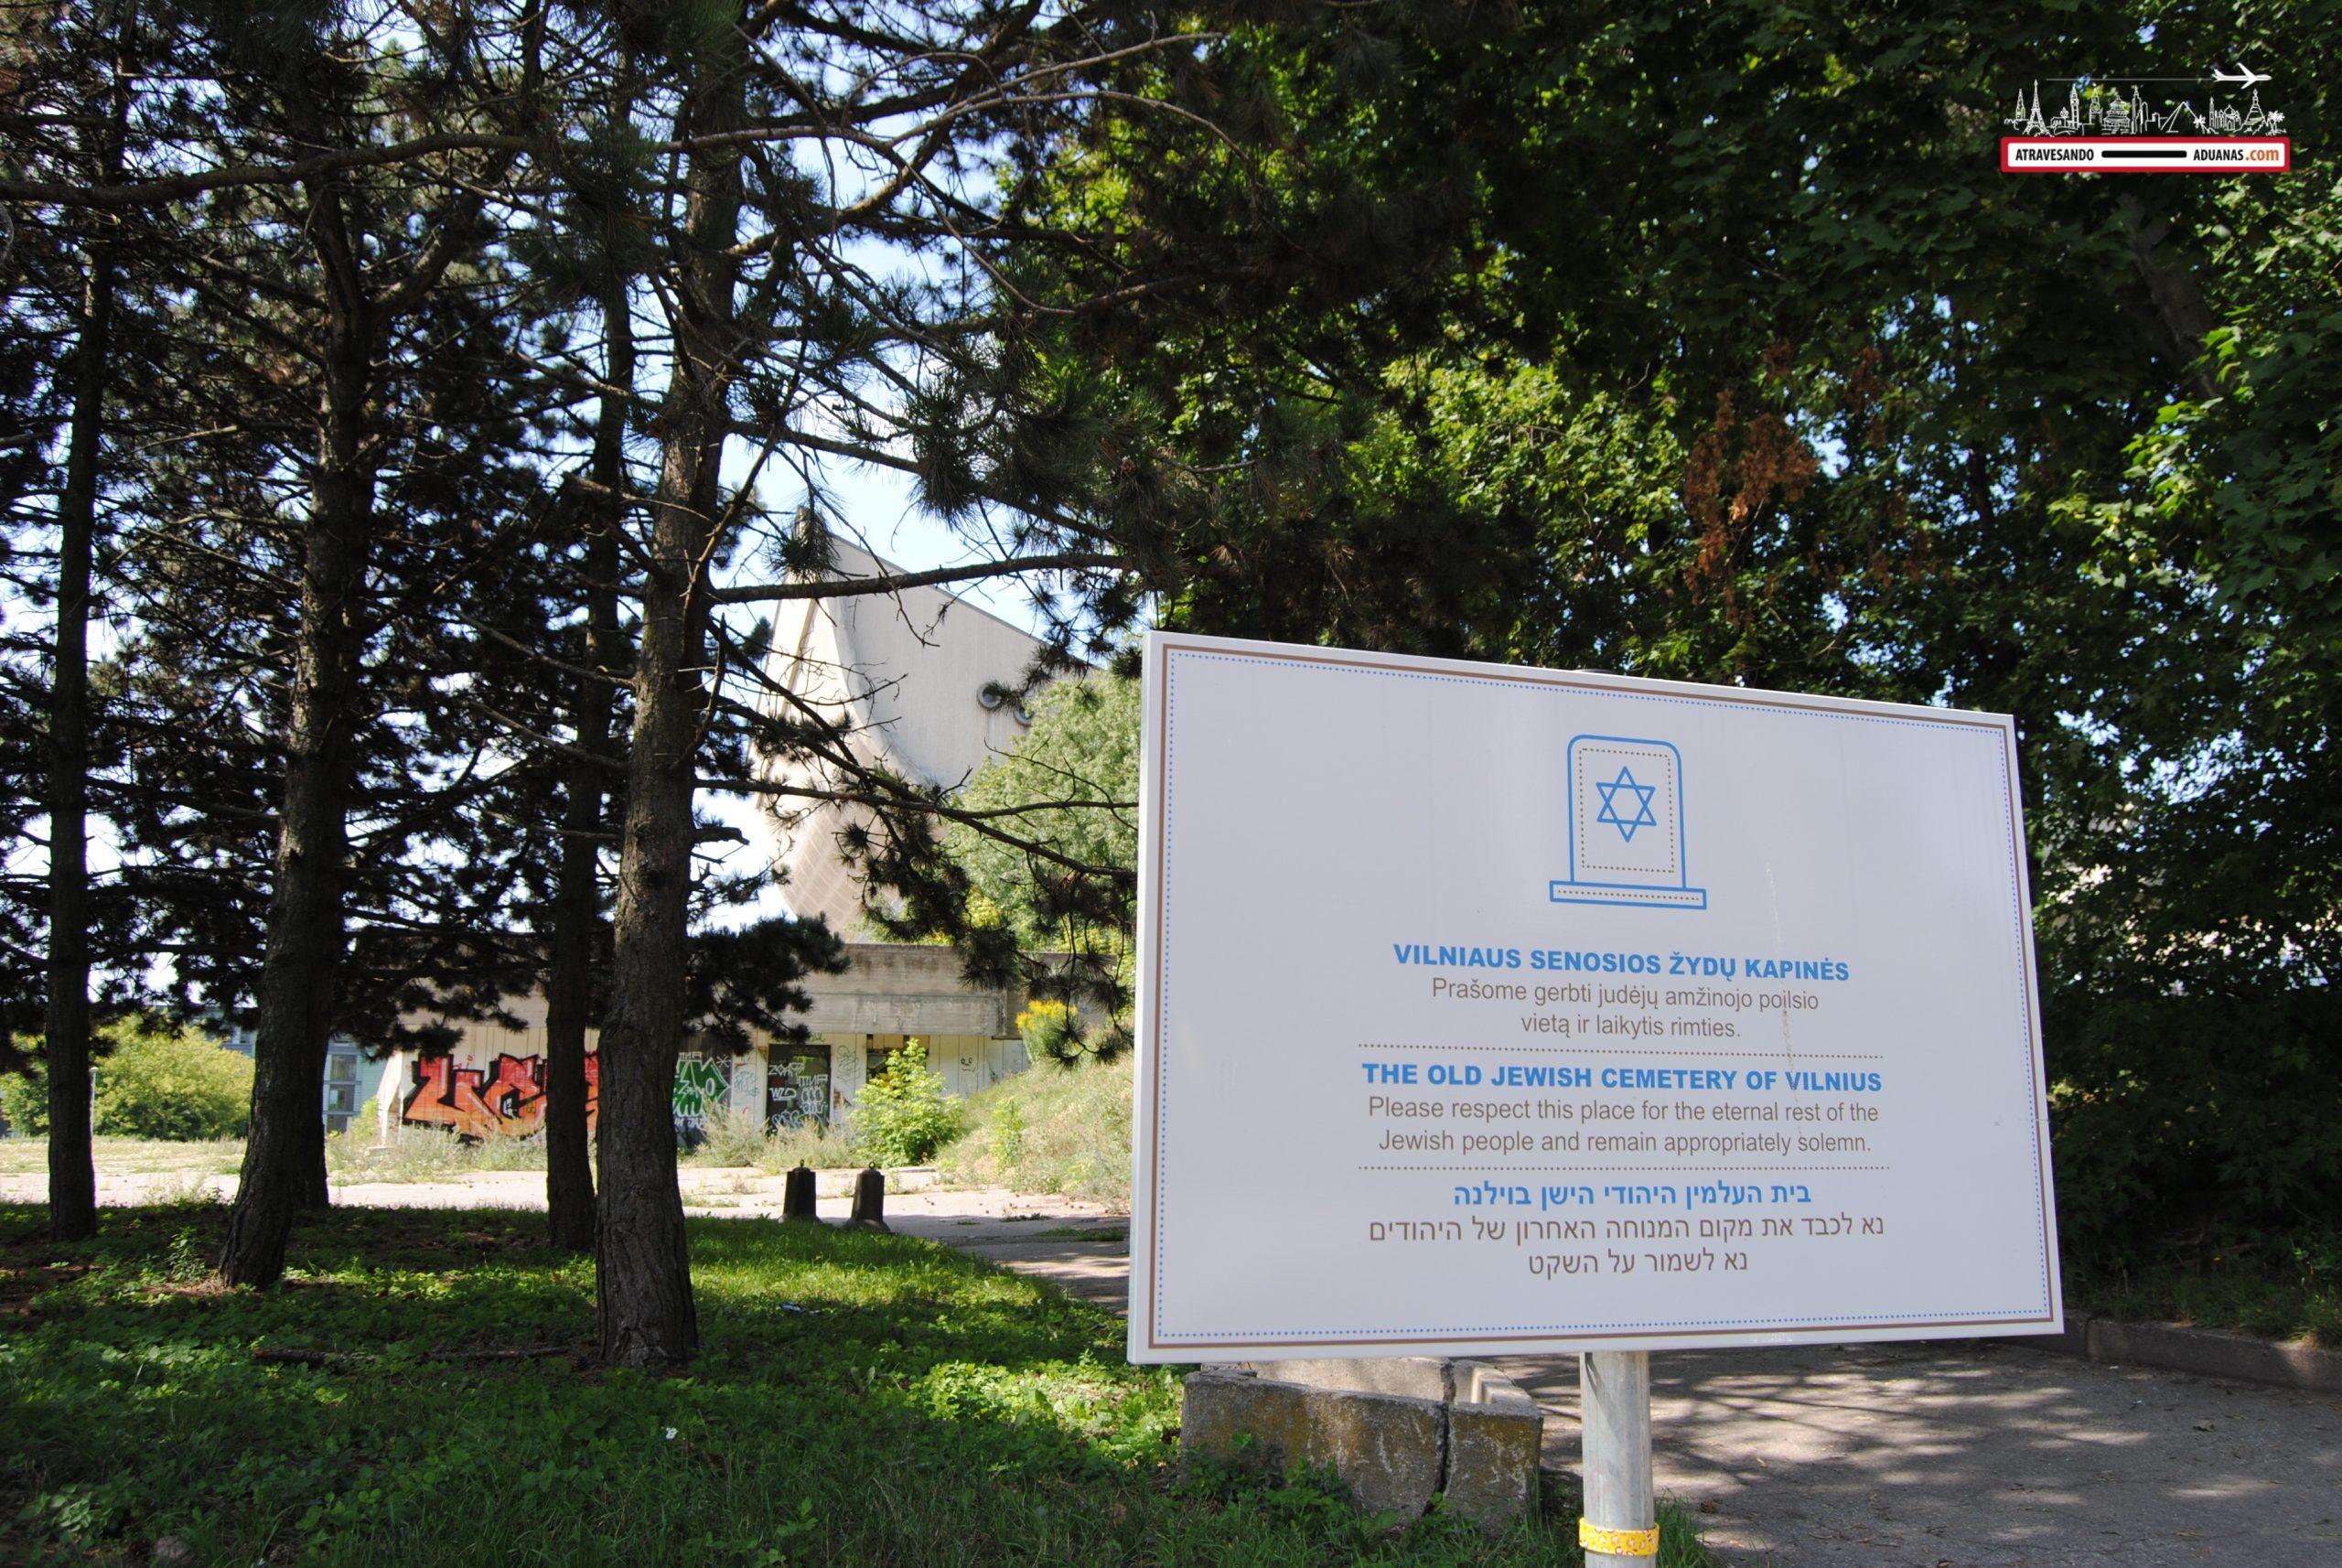 Letrero indicando la existencia del Cementerio Judío de Vilnius